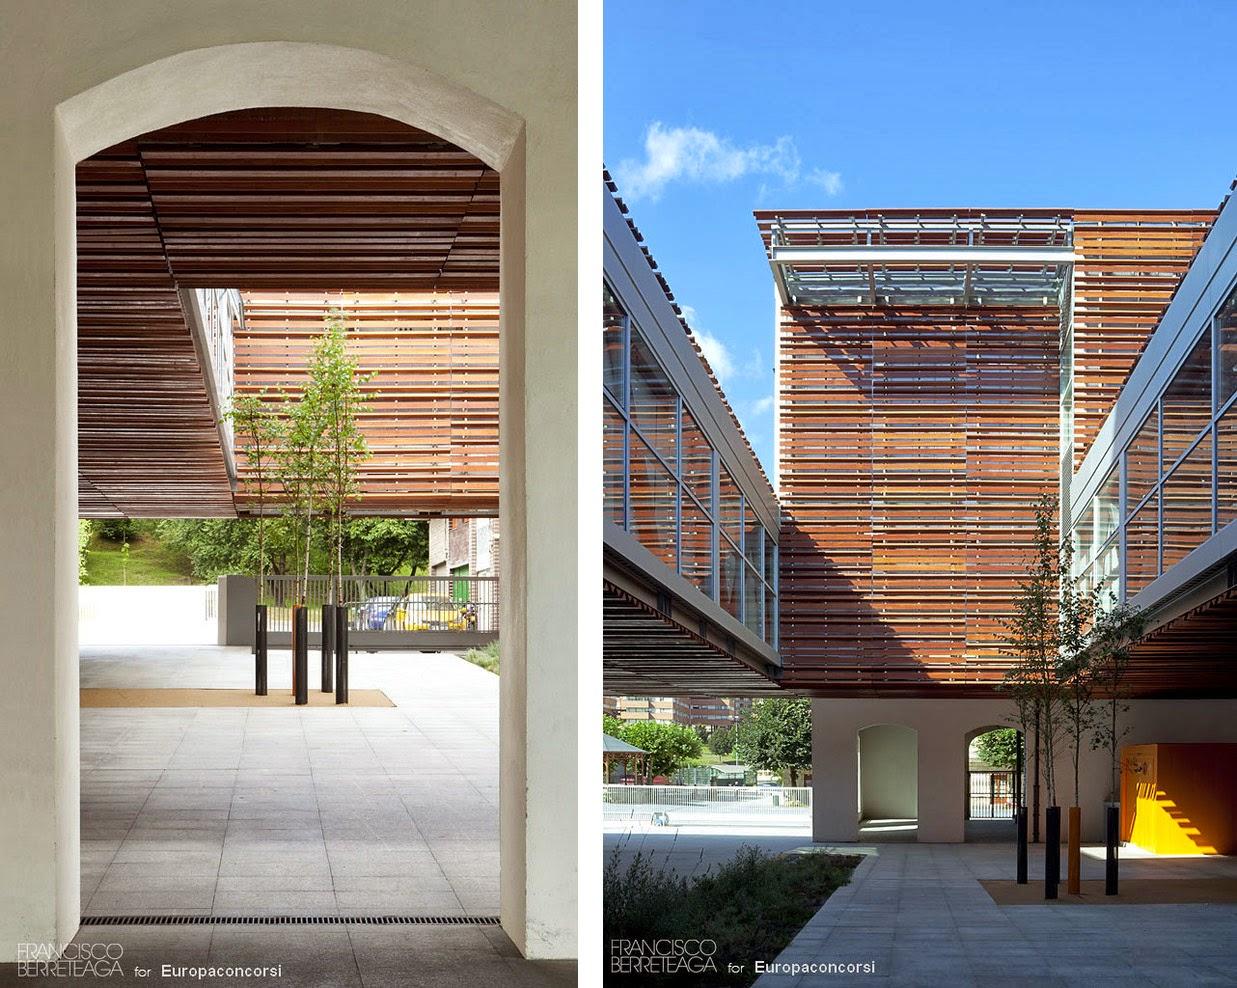 Colegio gandasegi francisco berreteaga espacios en madera - Celosia de madera ...